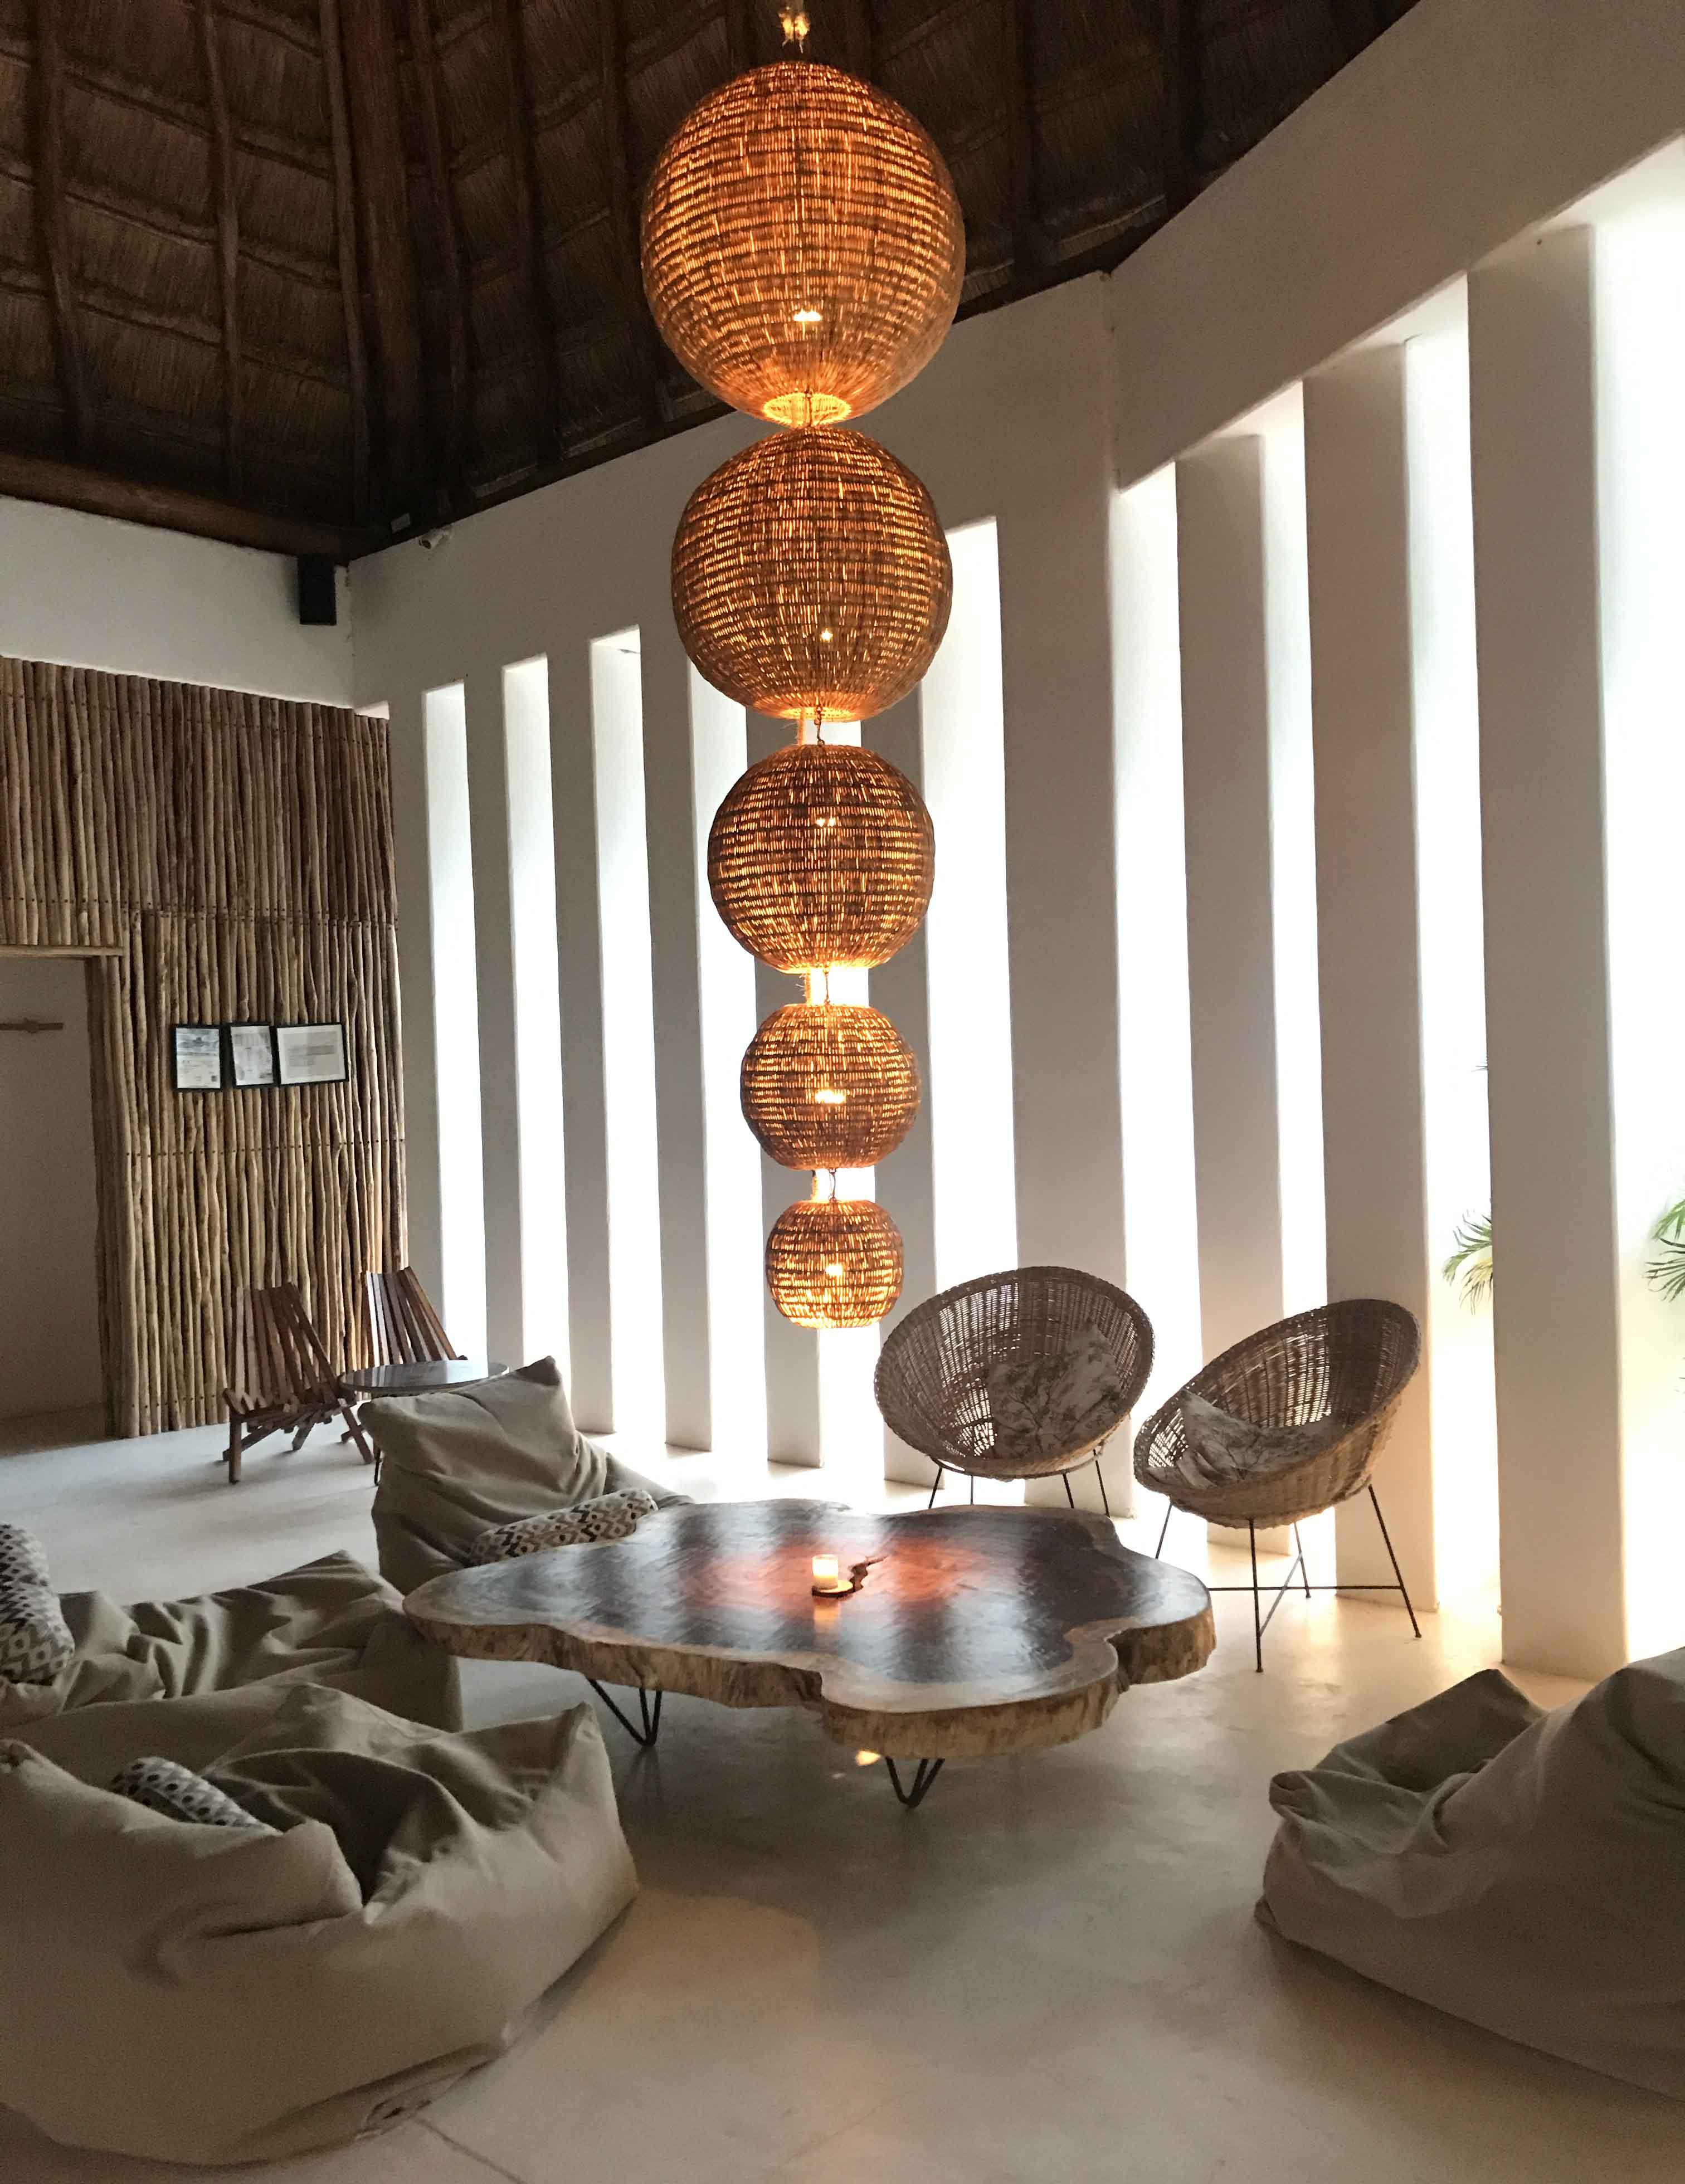 Hotel Villas HM Palapas del Mar. Isla Holbox. El mejor Hotel de la Isla Holbox